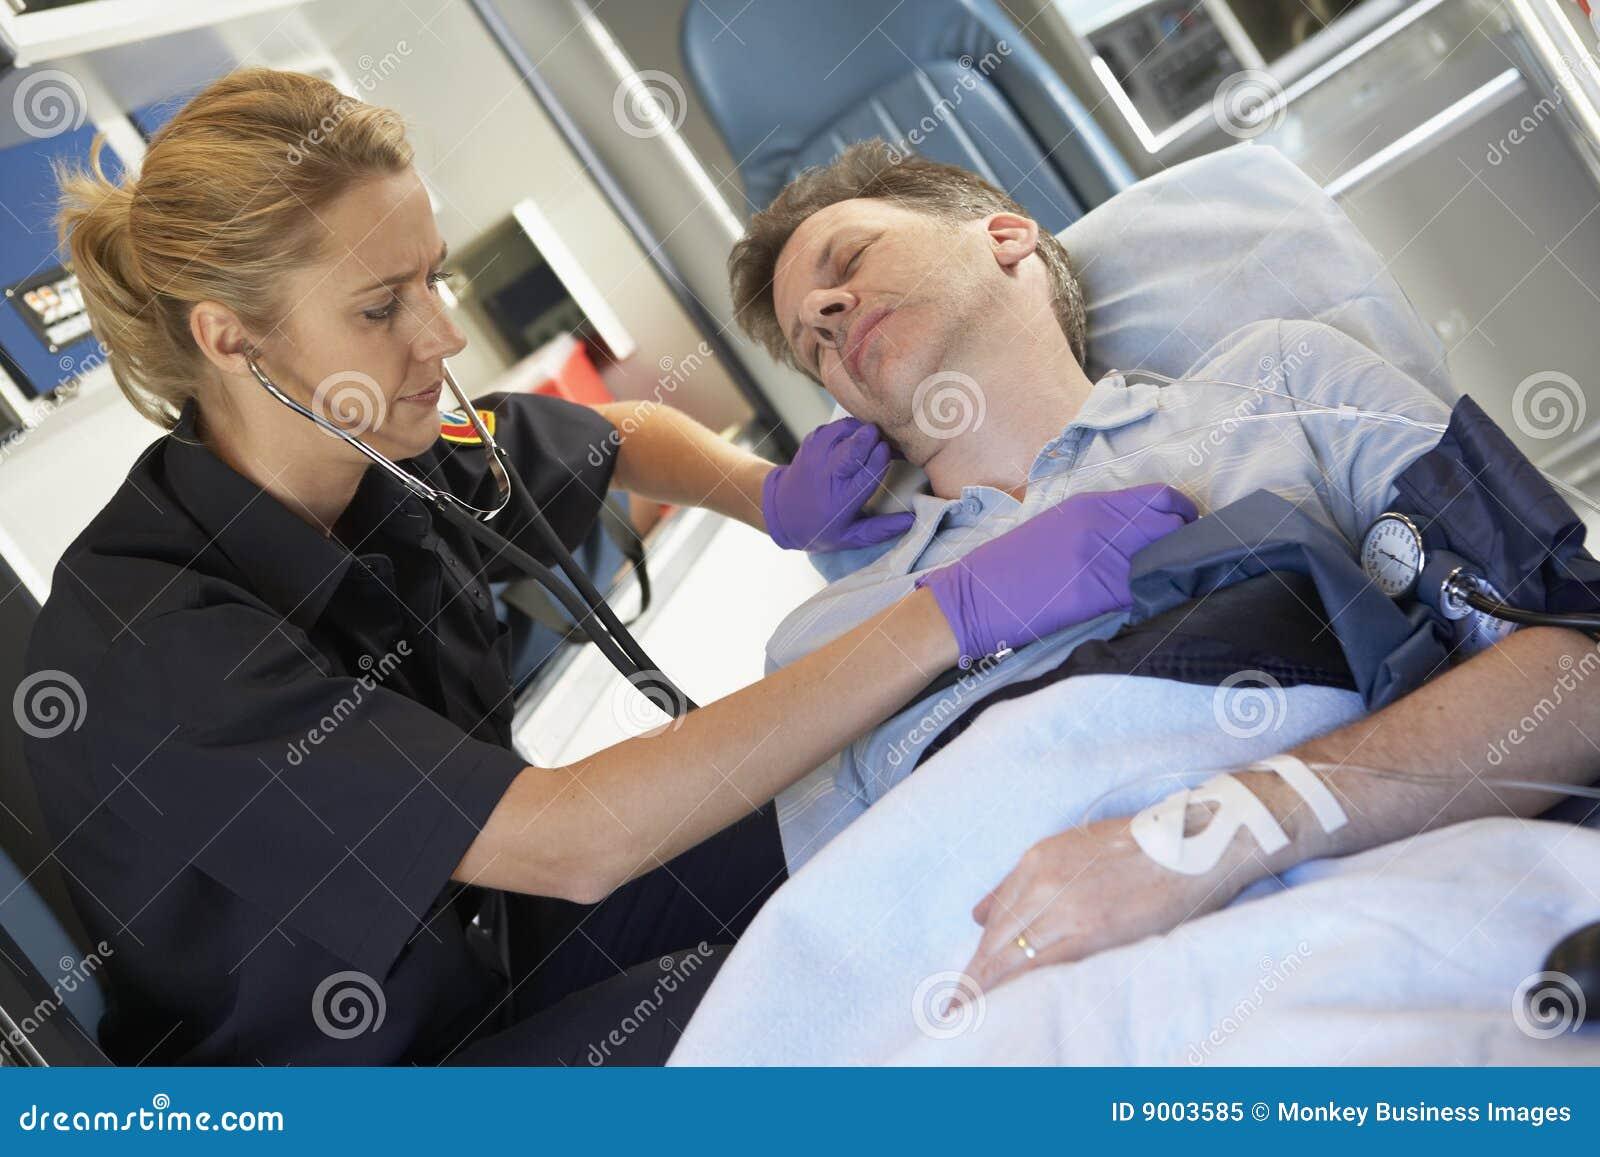 Секс фото в скорой помощи 11 фотография